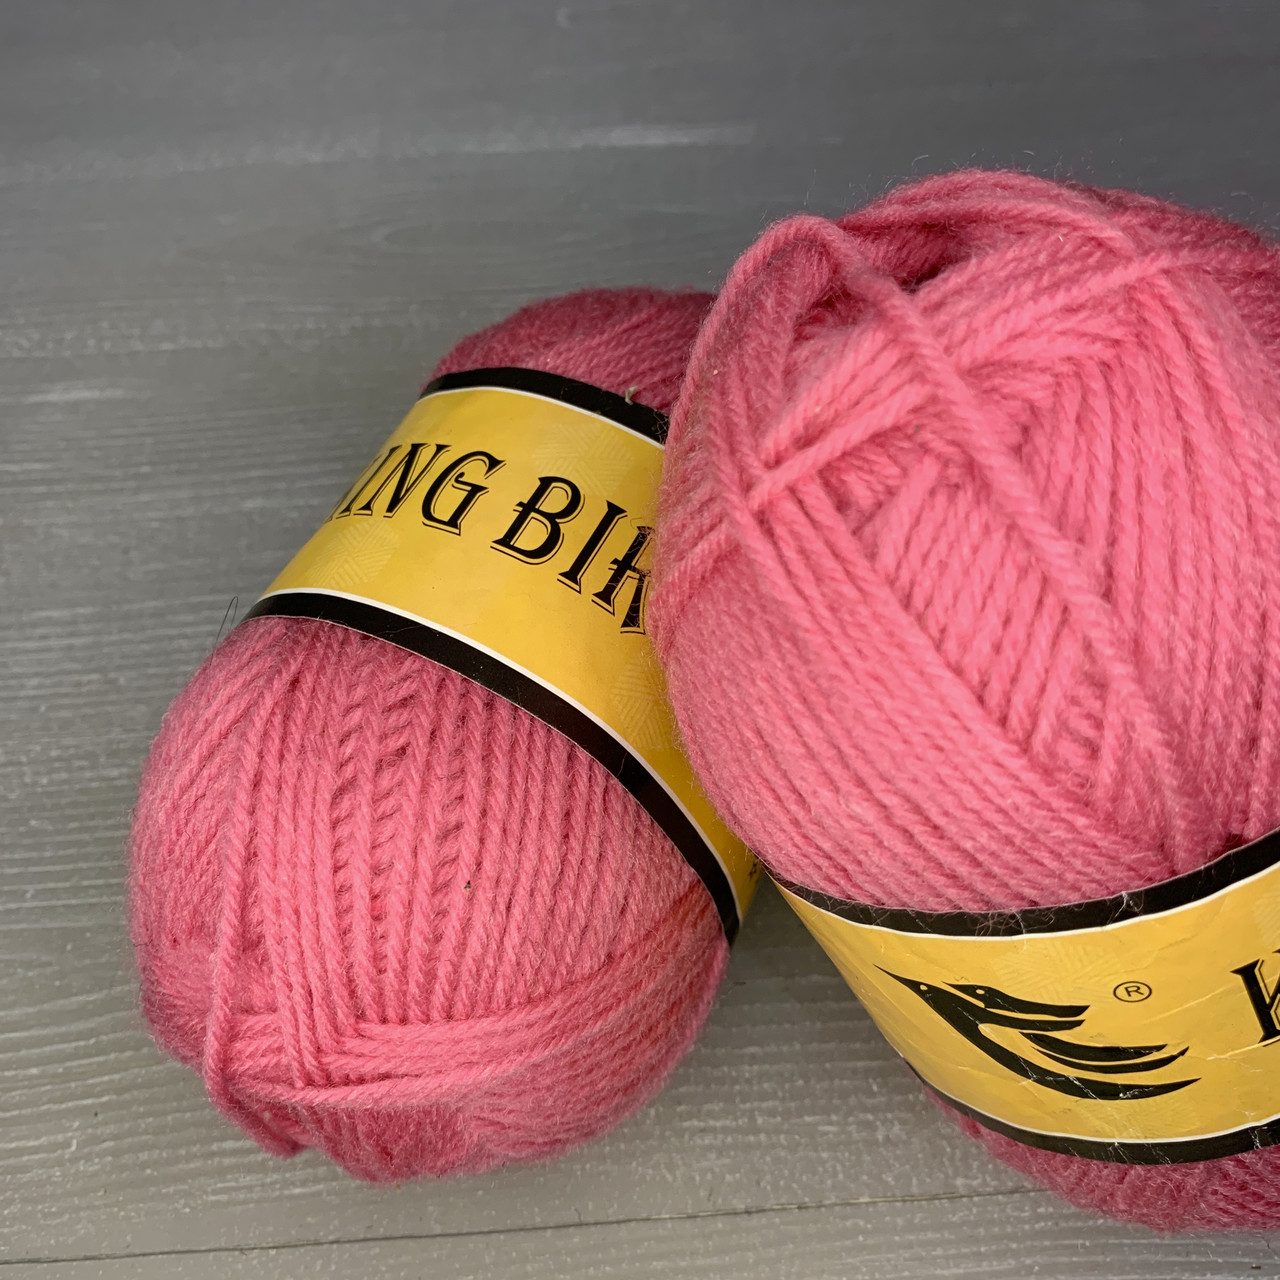 Пряжа акриловая премиум-класса King Bird розовый - фото 2